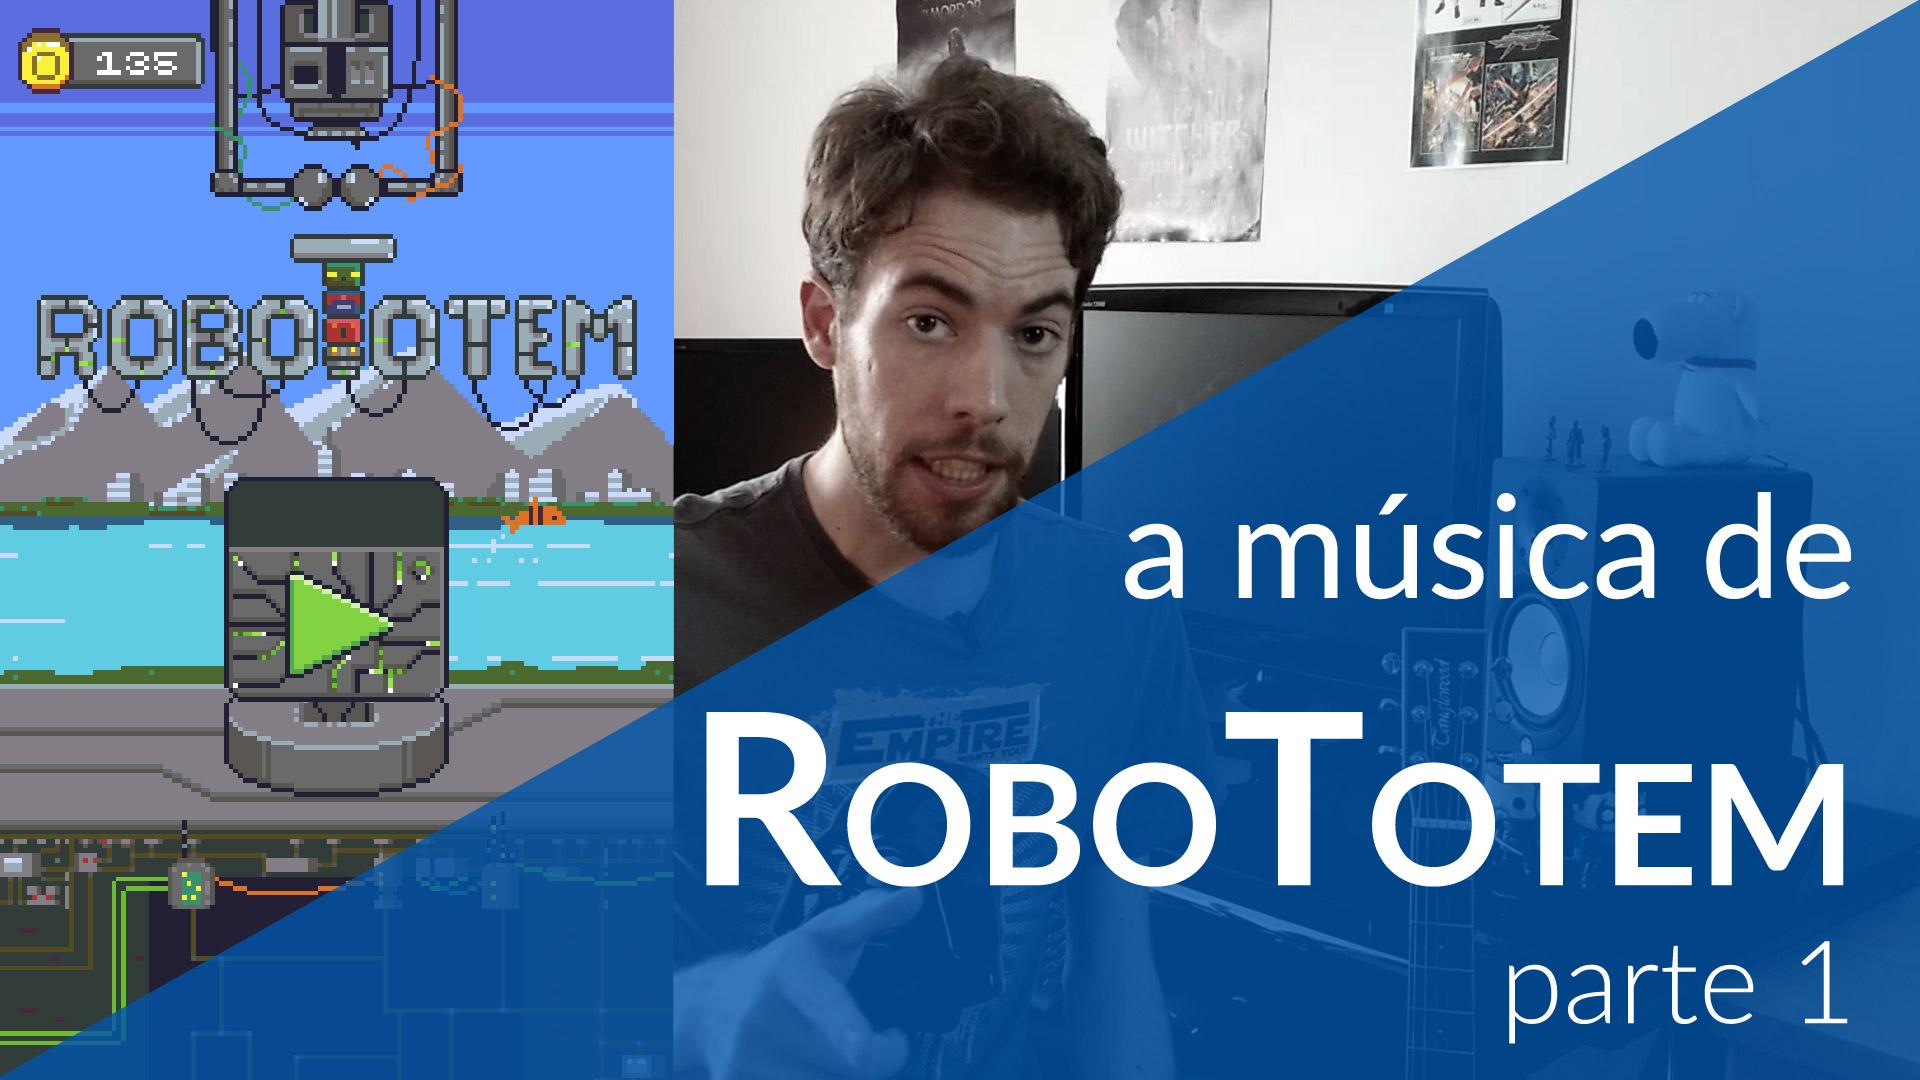 RoboTotem parte 1